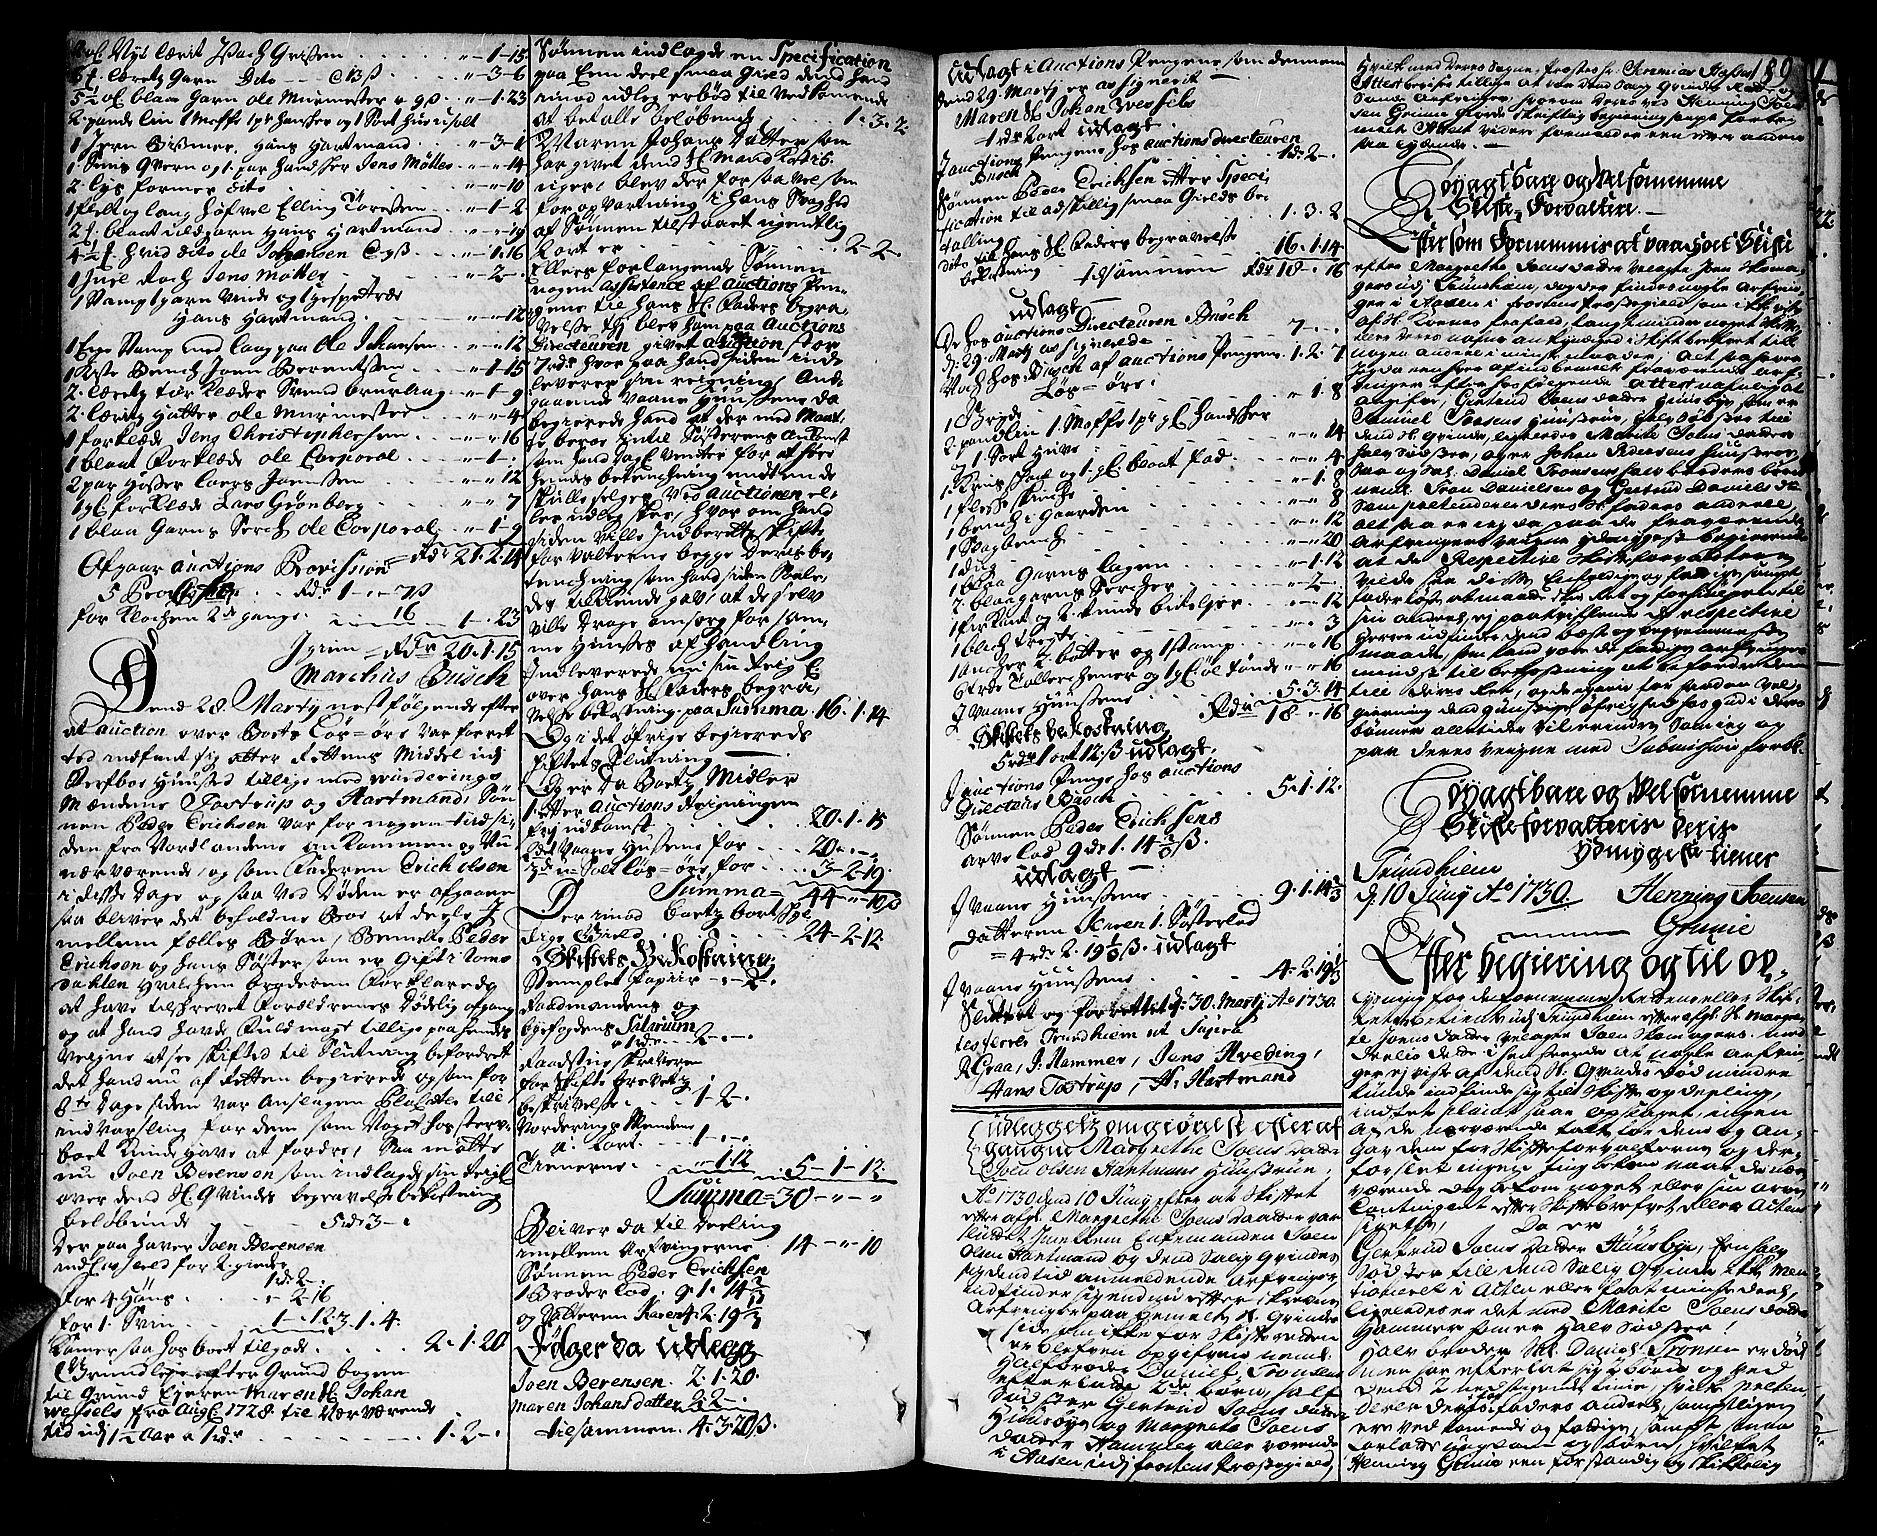 SAT, Trondheim byfogd, 3/3A/L0010: Skifteprotokoll - gml.nr.10. (m/ register) U, 1725-1733, s. 188b-189a